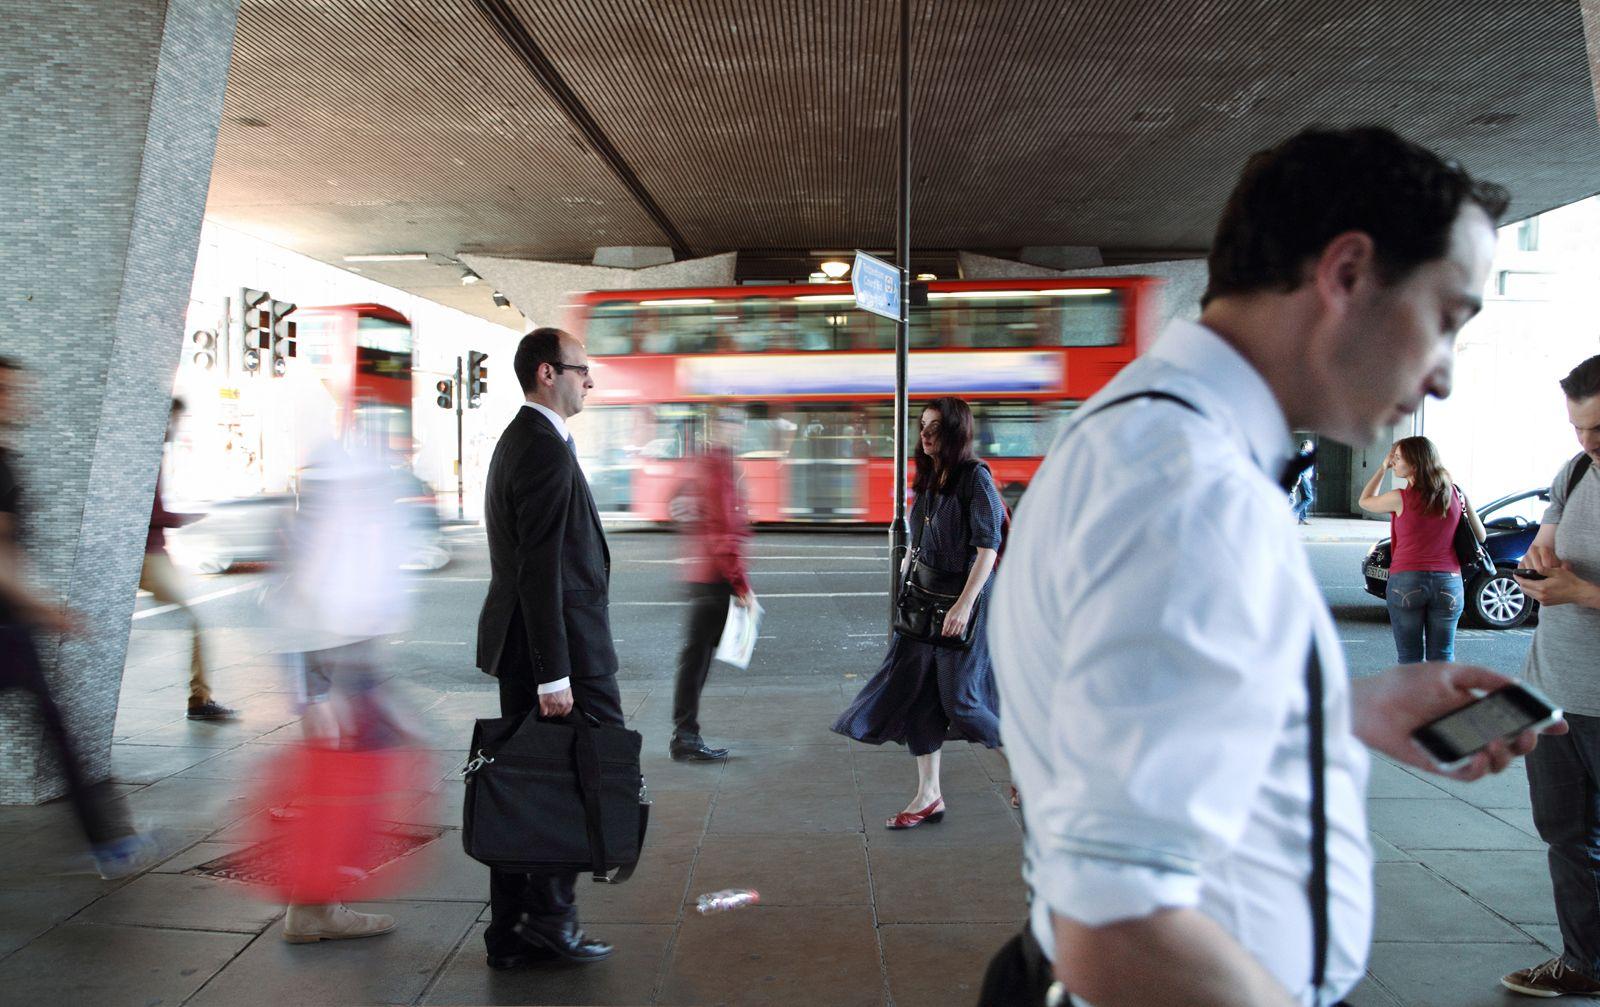 """Post Memories UK 06 2013 From """"Post Memories, Series 2013"""" Cerca de la estación de metro Tottenham Court Road, Londres, UK 120x 75 cm"""